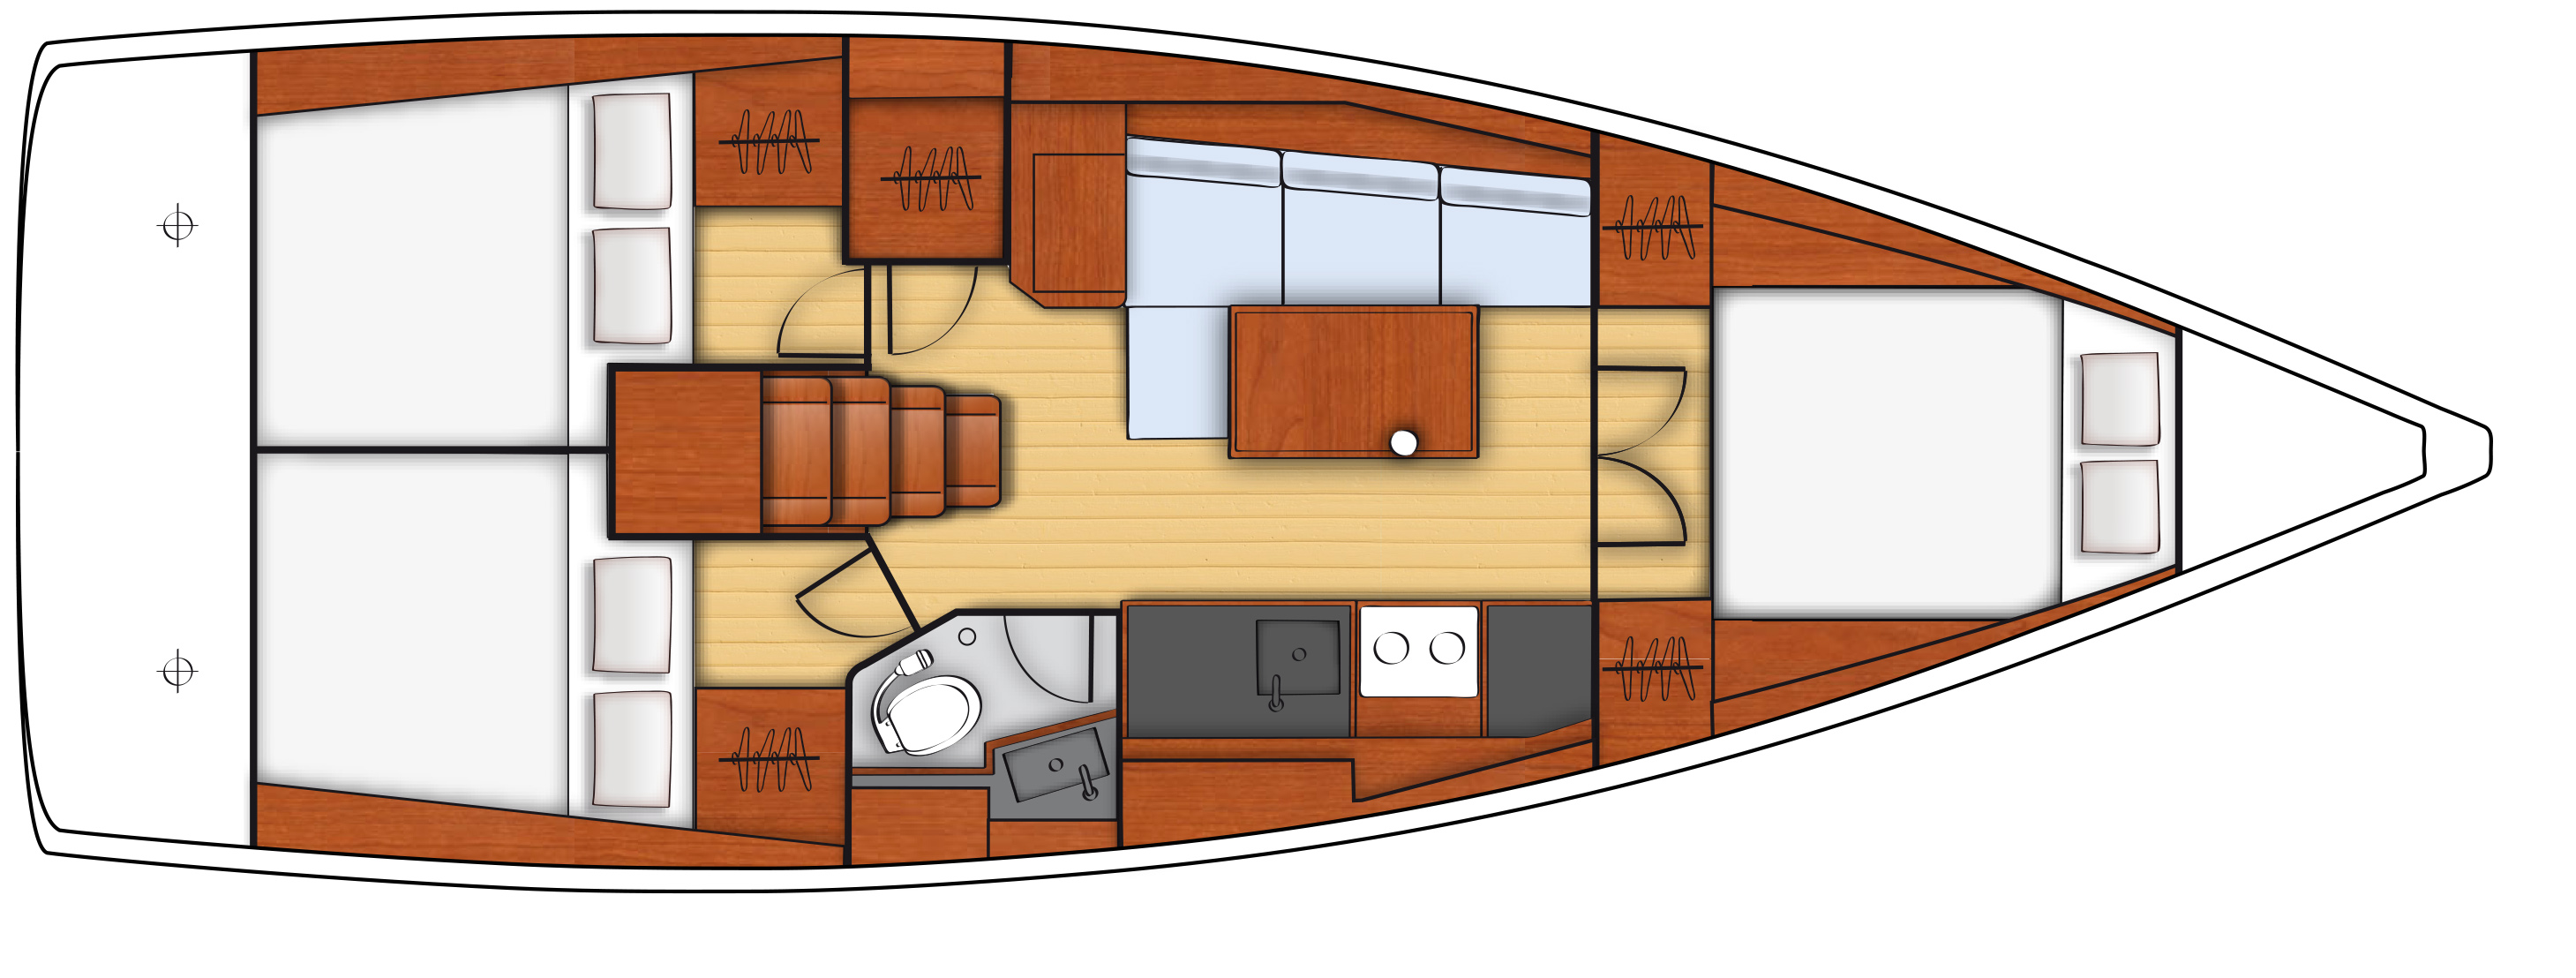 oceanis 38 - 3C 1T cuisine en long - side galley 2